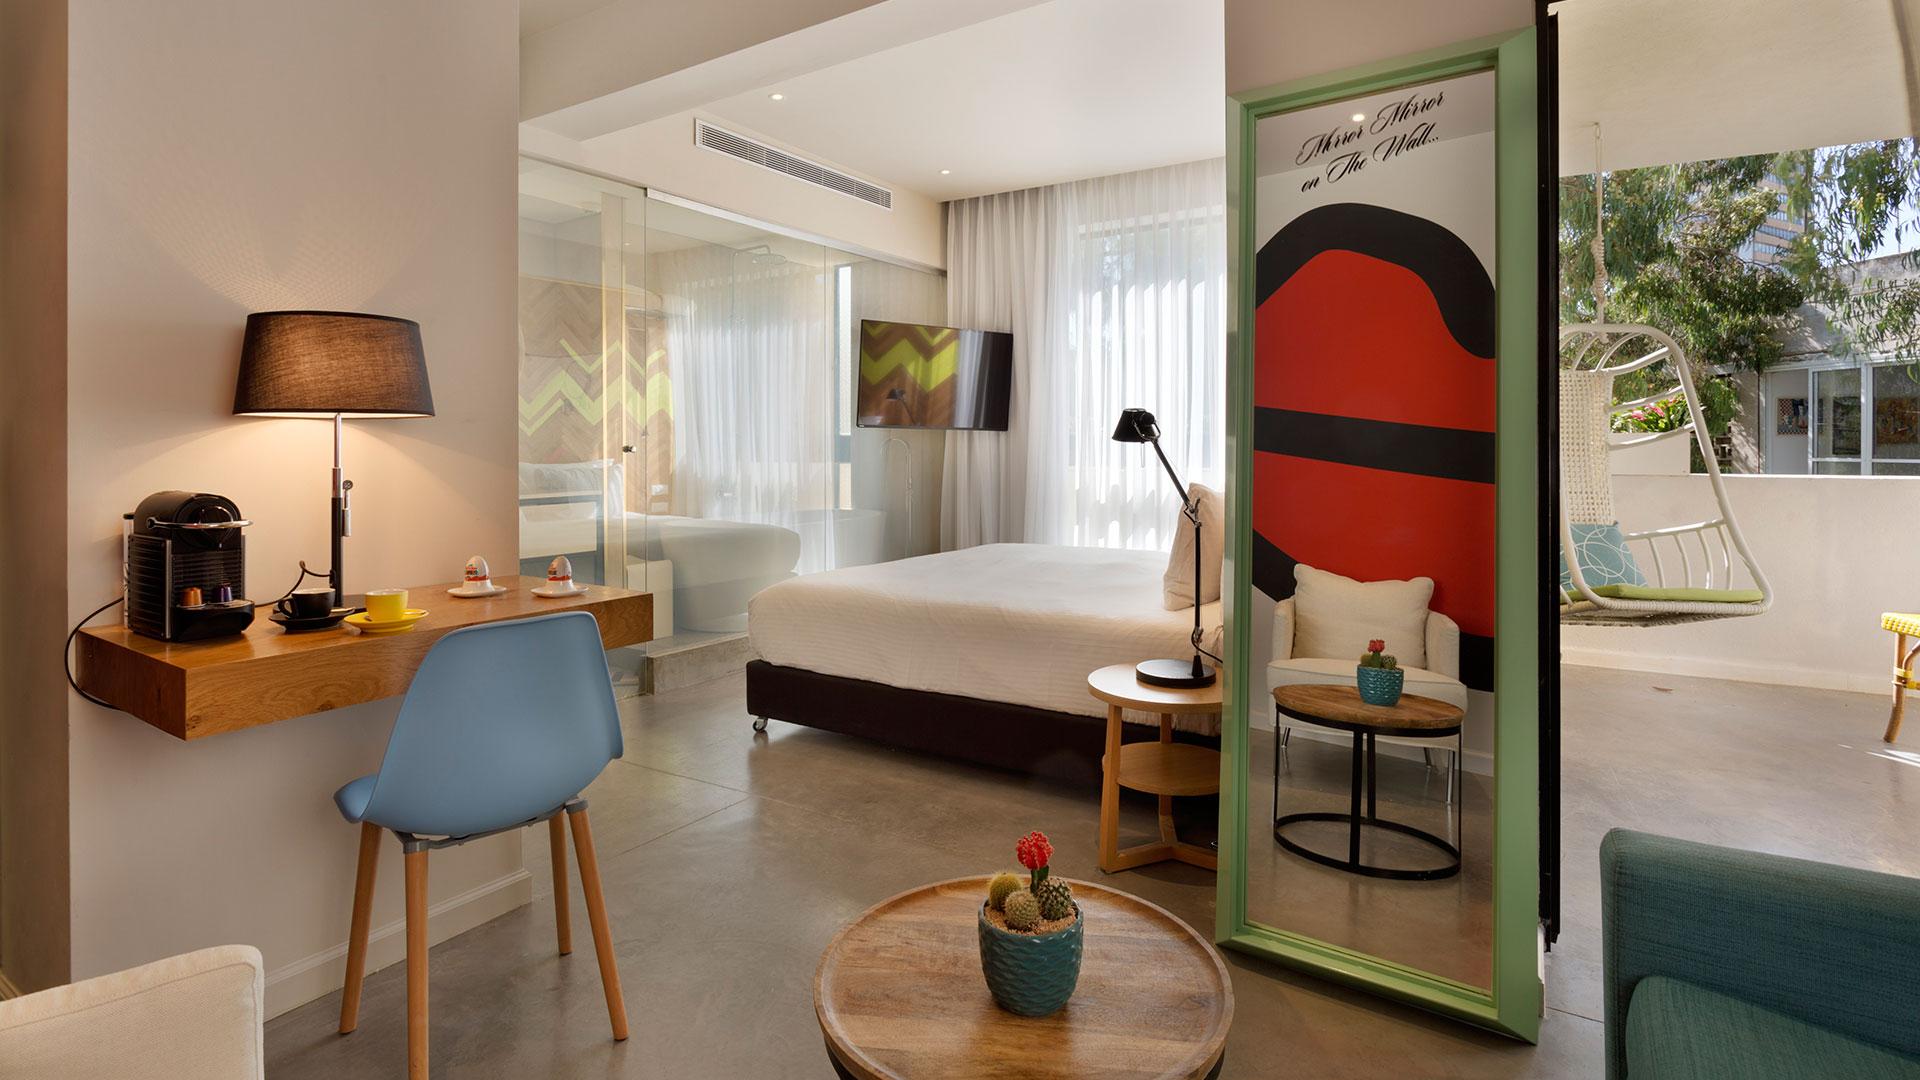 מלון קוקו של 7MINDS / צילום: באדיבות רשת 7MINDS